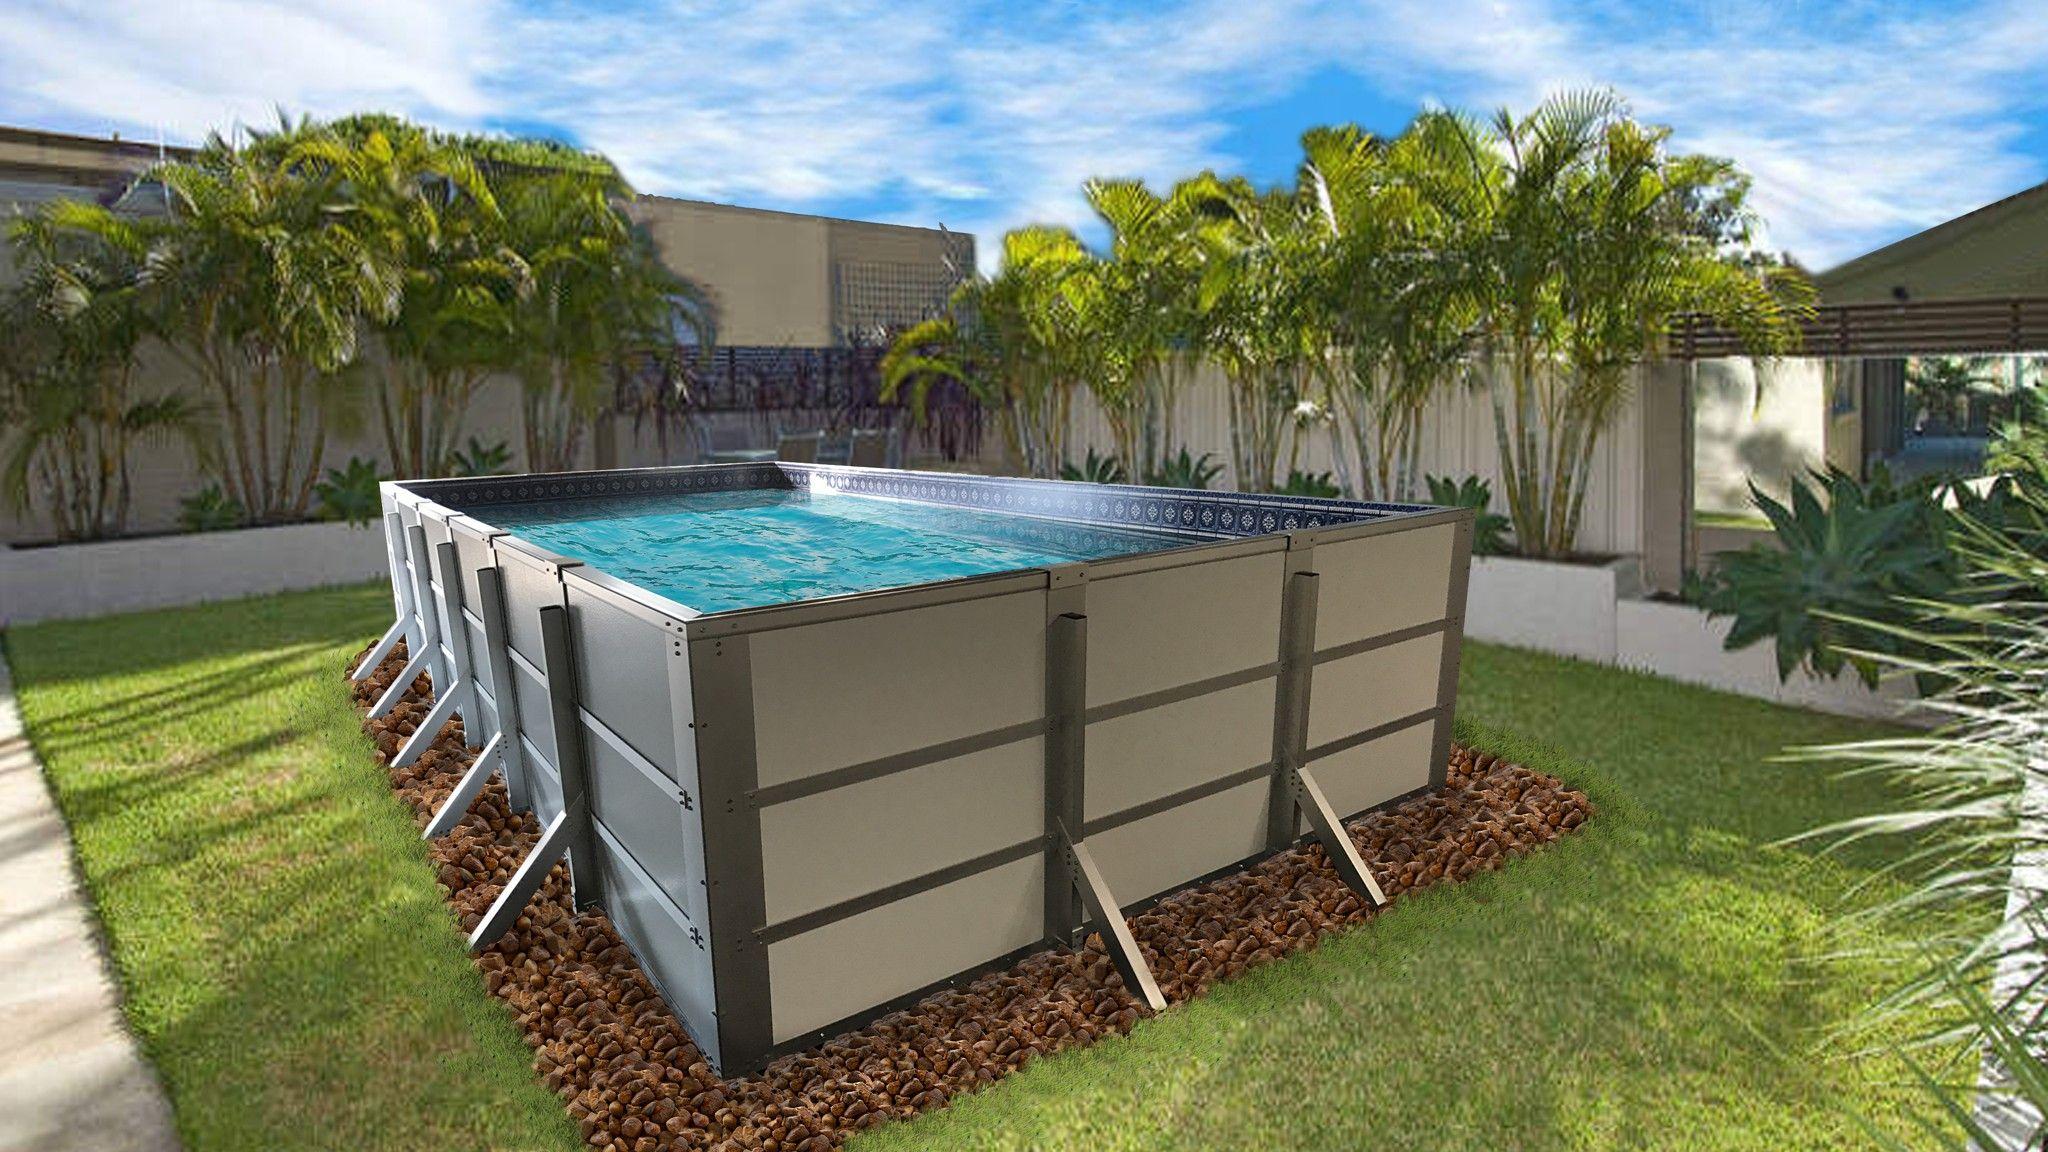 Rectangular Above Ground Swimming Pools Vs Classic Pools Rectangular Above Ground Swimming Pools Id Swimming Pools Rectangular Pool Swimming Pools Inground